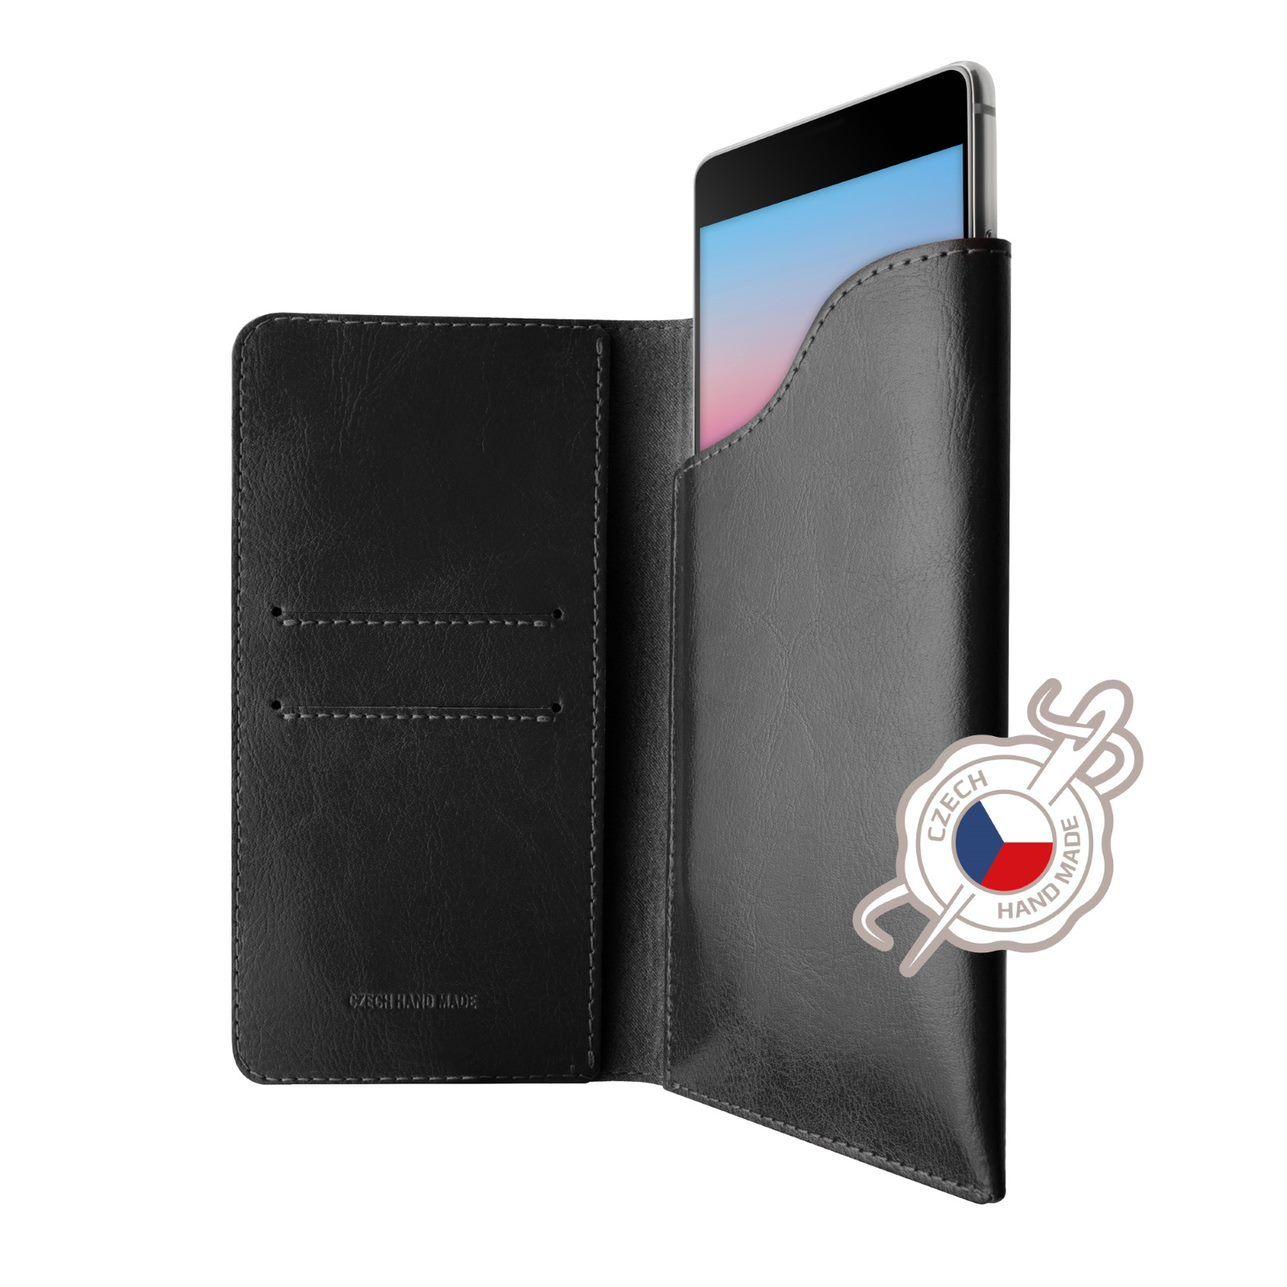 Kožené pouzdro FIXED Pocket Book pro Apple iPhone X/XS/11 Pro, černé